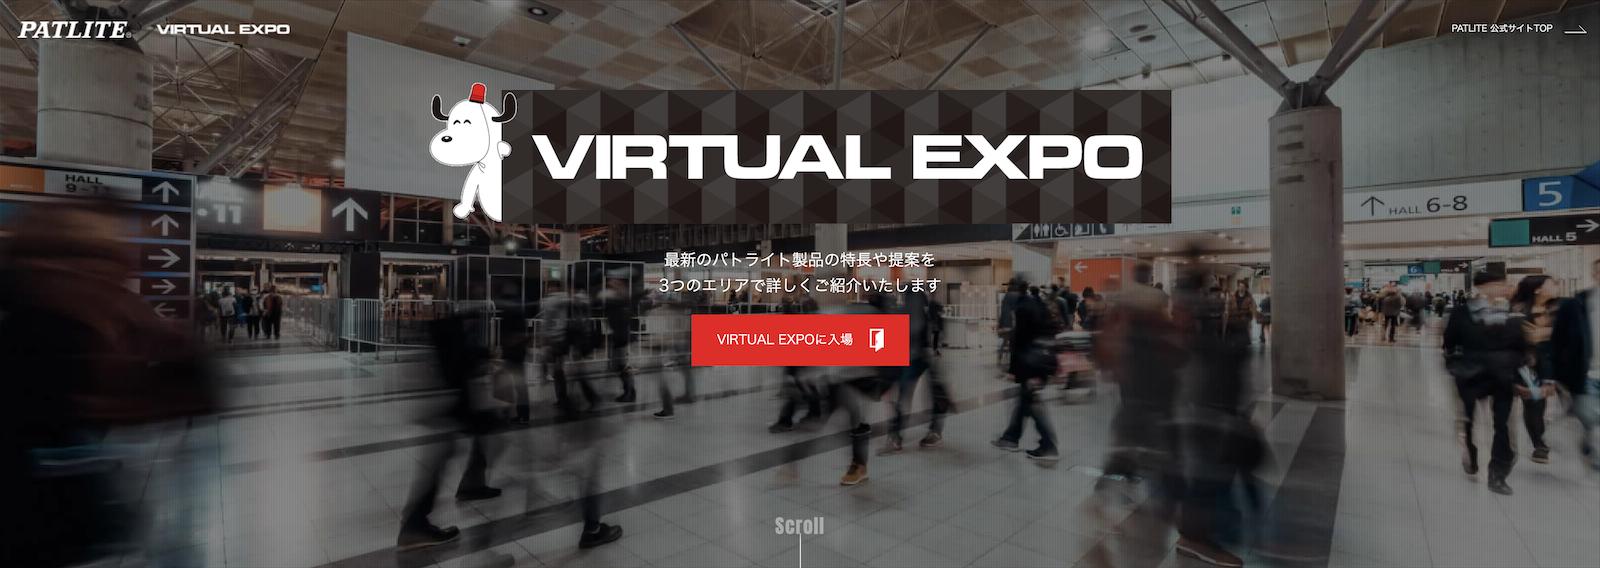 41_パトライト_VIRTUAL EXPO